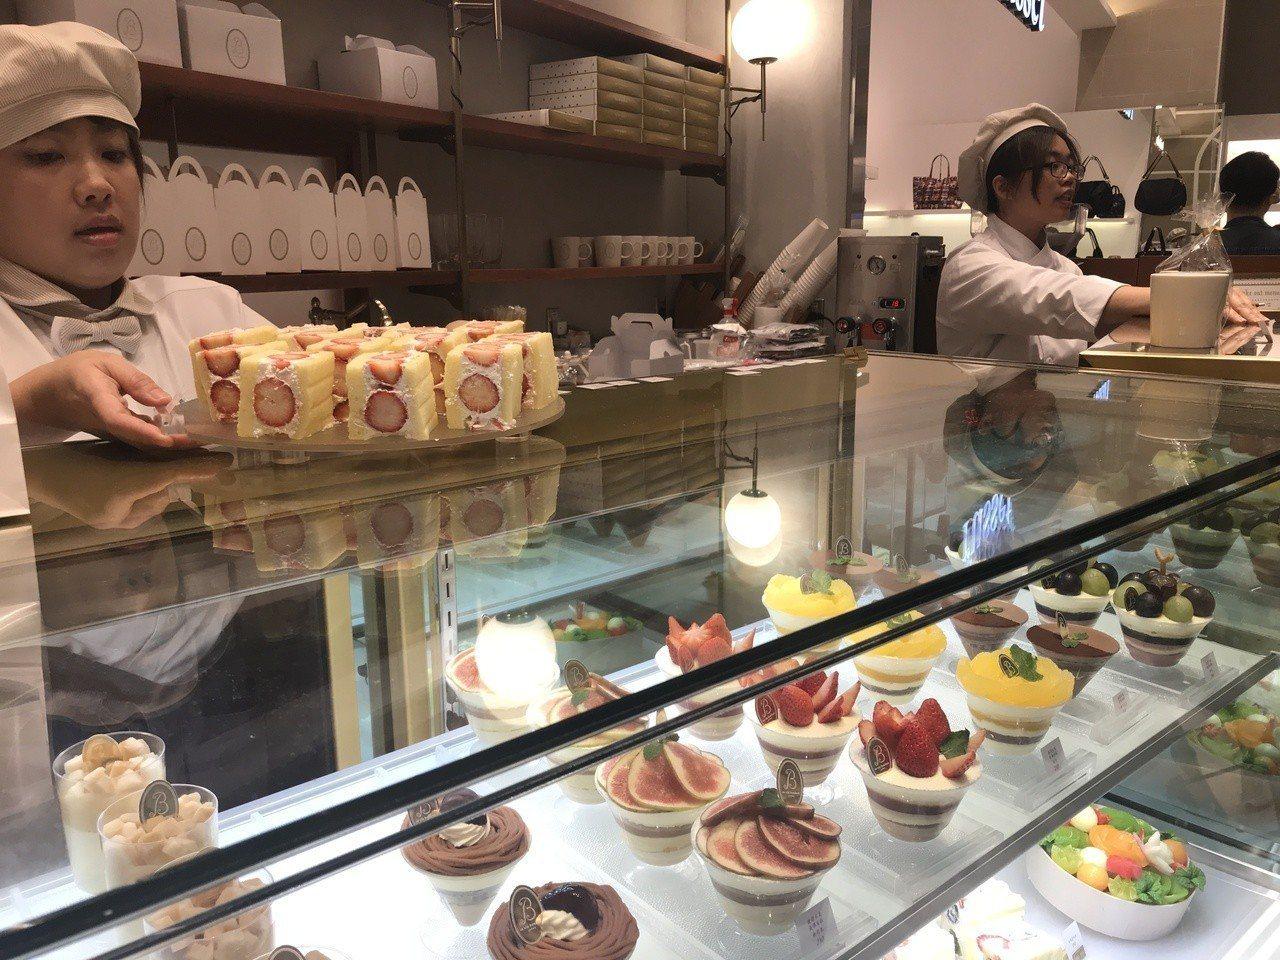 la vie bonbon以提供各式新鮮水果蛋糕、水果塔為主。記者江佩君/攝影